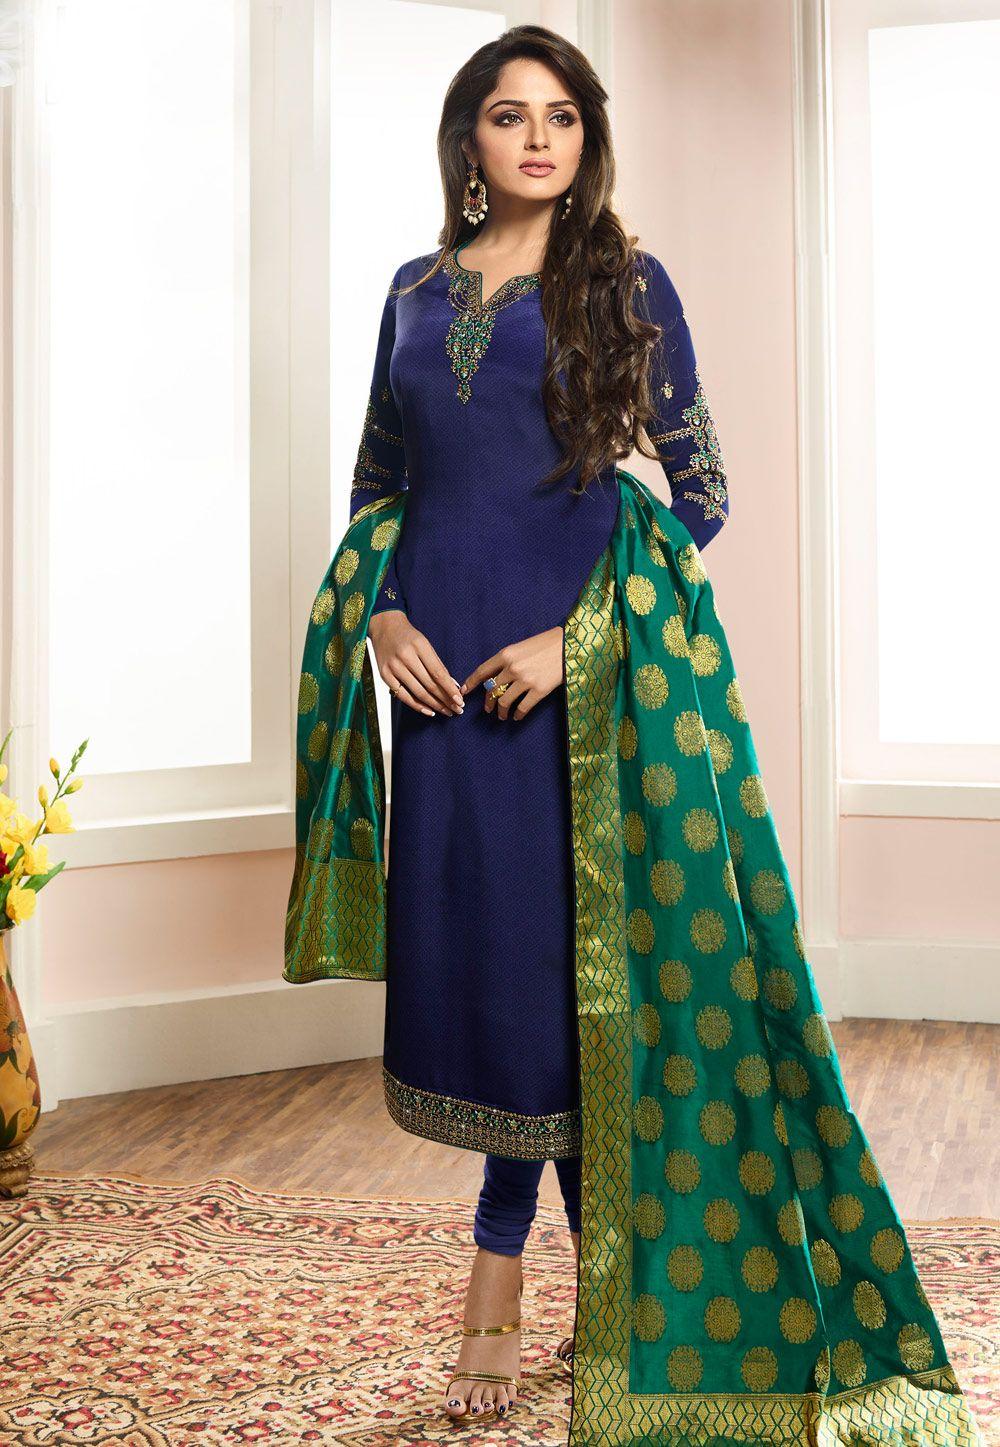 e2b223a611 Buy Blue Crepe Churidar Salwar Kameez 169545 online at lowest price from  huge collection of salwar